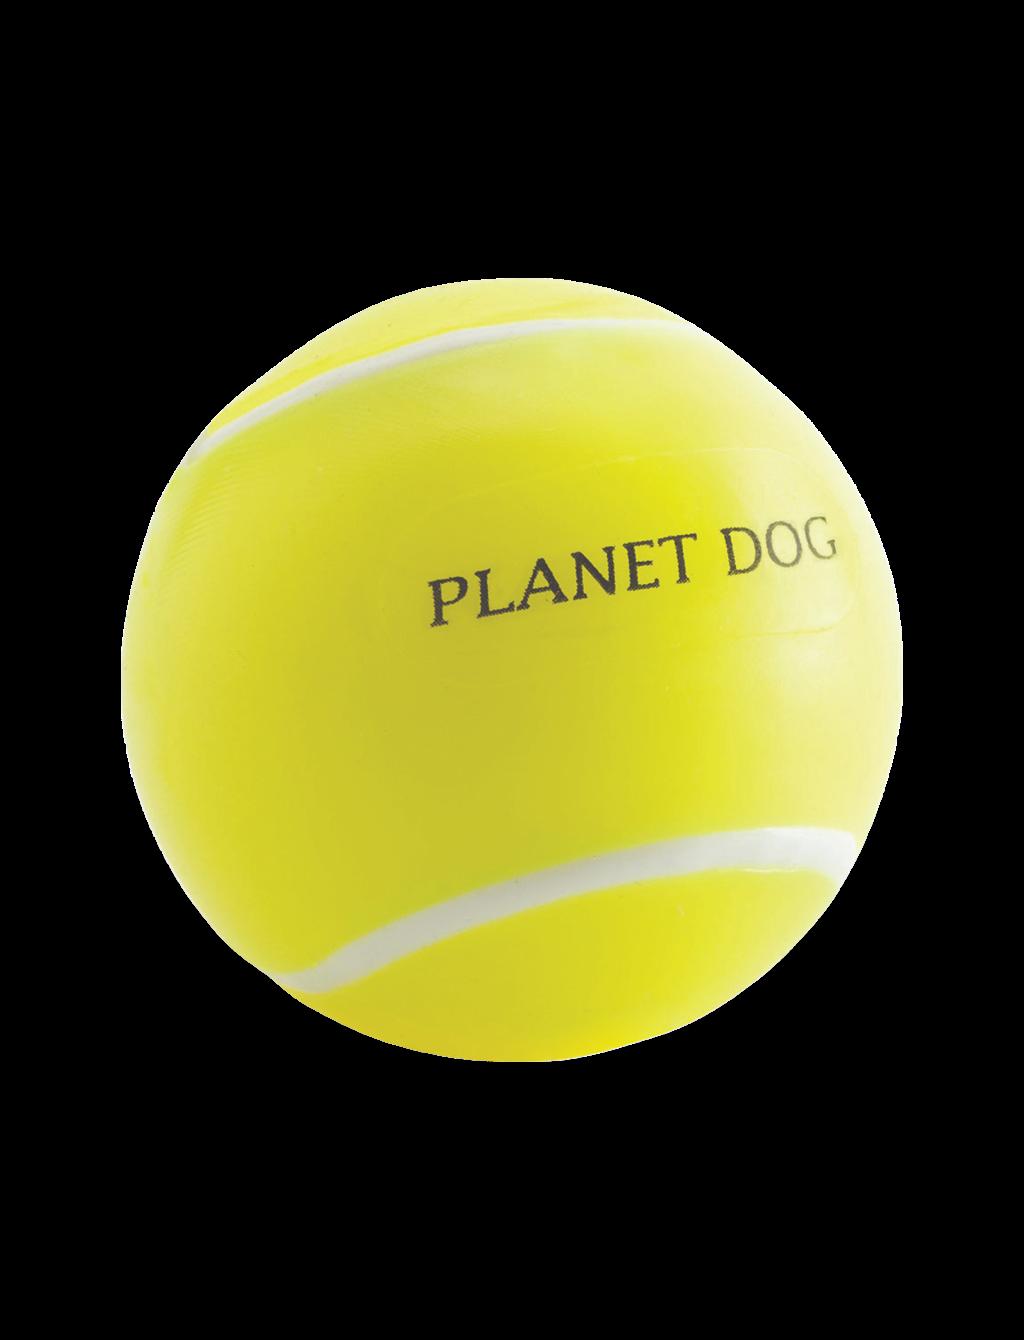 Yellow Orbee-Tuff Tennis Ball